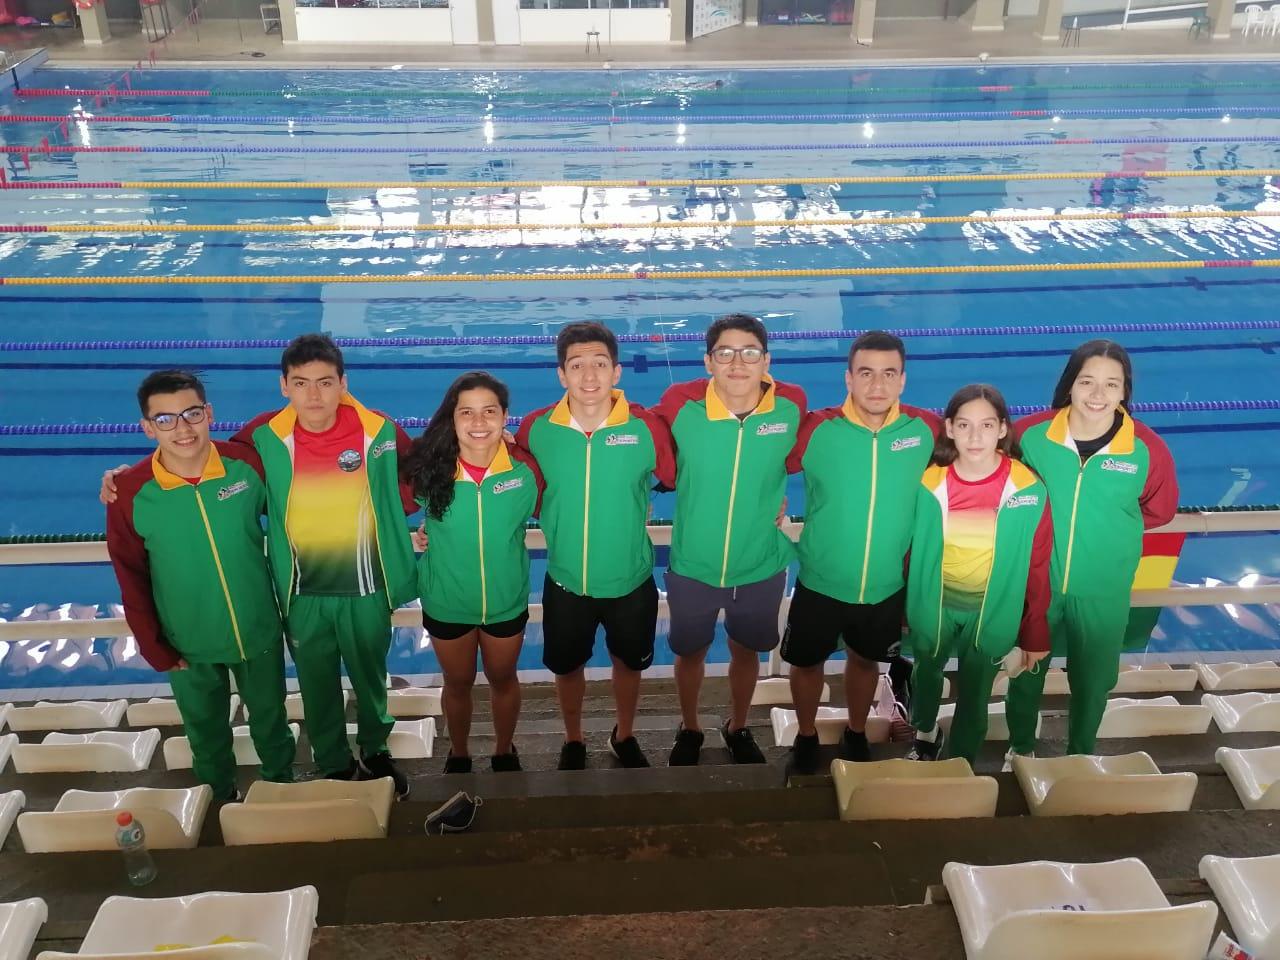 Bolivia logró 8 medallas de oro en el Grand Prix Internacional SYC de natación